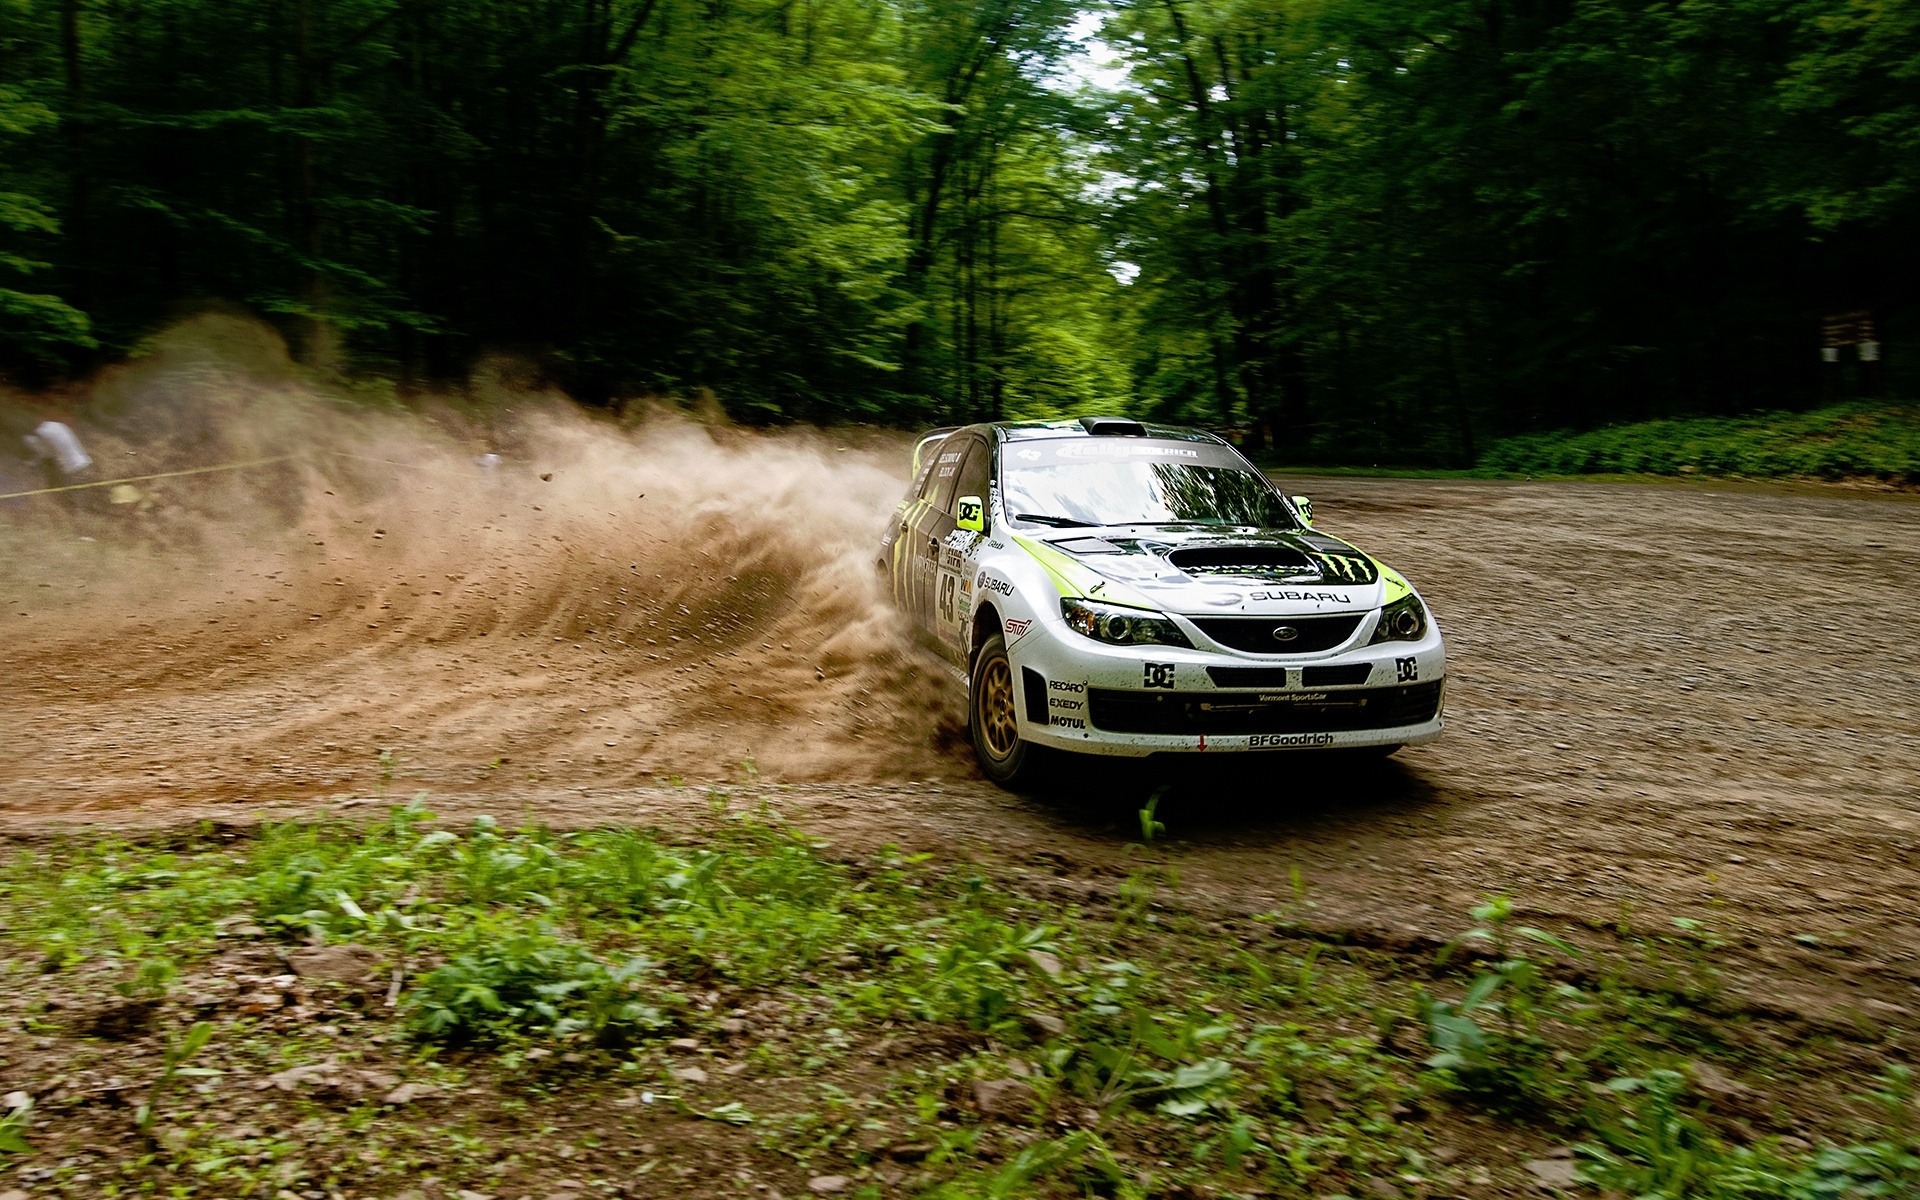 38847 Заставки и Обои Гонки на телефон. Скачать Субару (Subaru), Машины, Гонки, Спорт, Транспорт картинки бесплатно